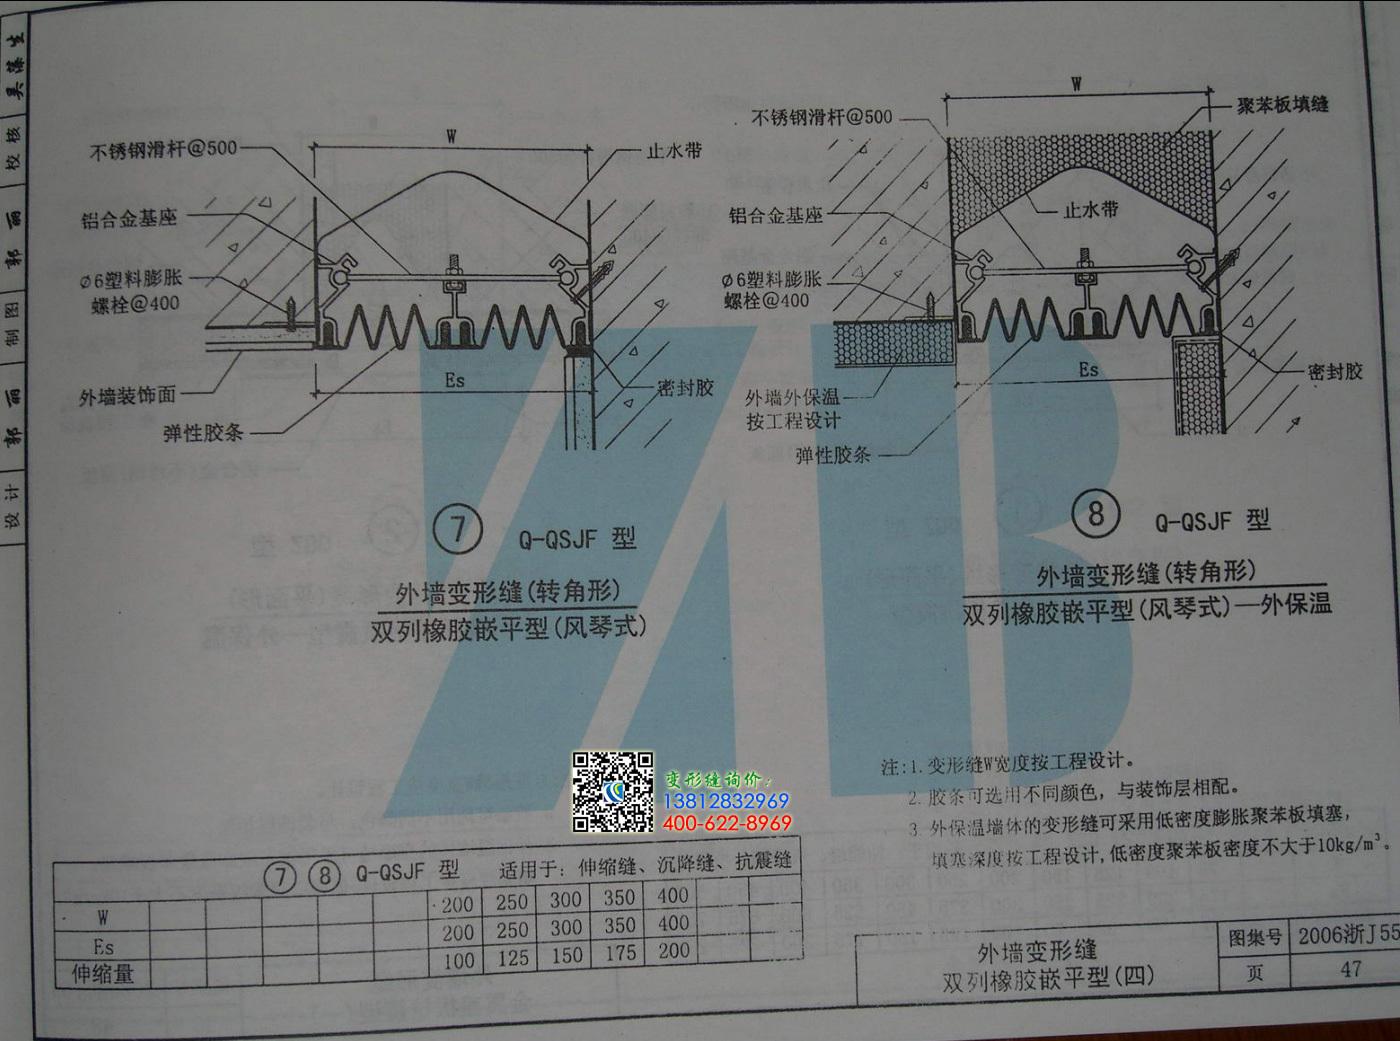 2006浙j55外墙变形缝双列橡胶嵌平型(四)